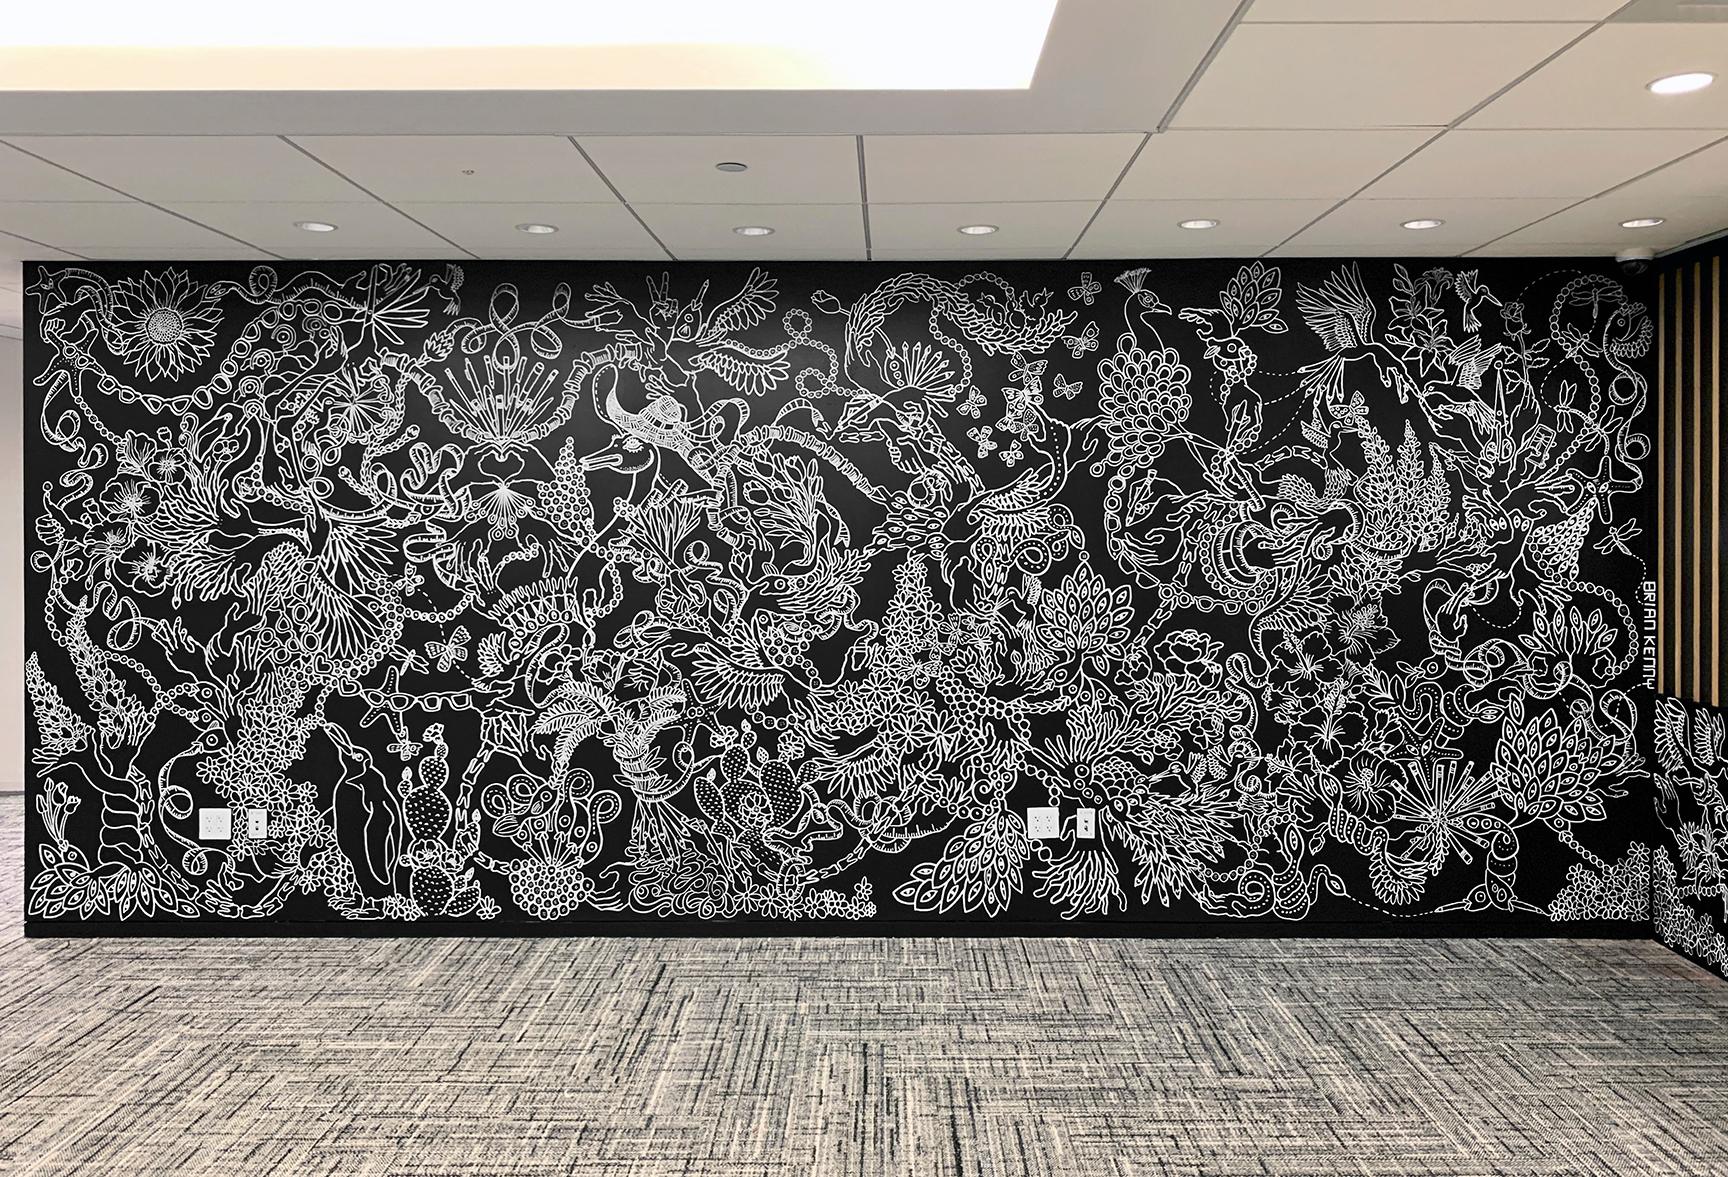 J-Crew-Mural-mural-front-view_web.jpg